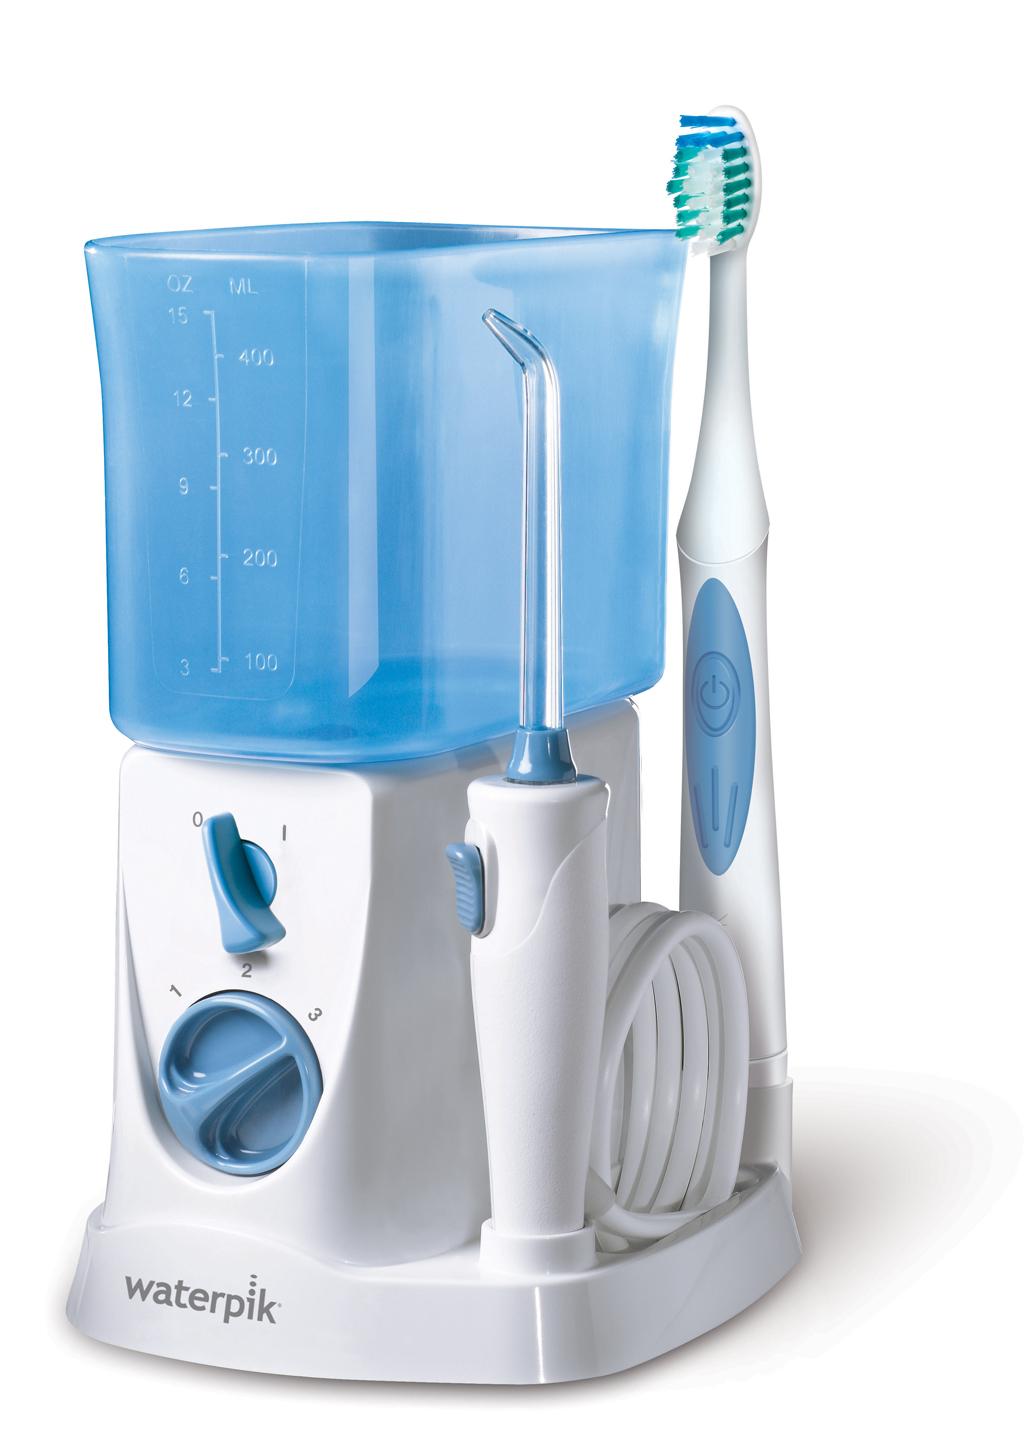 Watepik 700.jpg. El Irrigador Waterpik® 2en1 WP-700 combina un cepillado  eléctrico de tecnología sónica con la irrigación ... 3998f8e96cc2